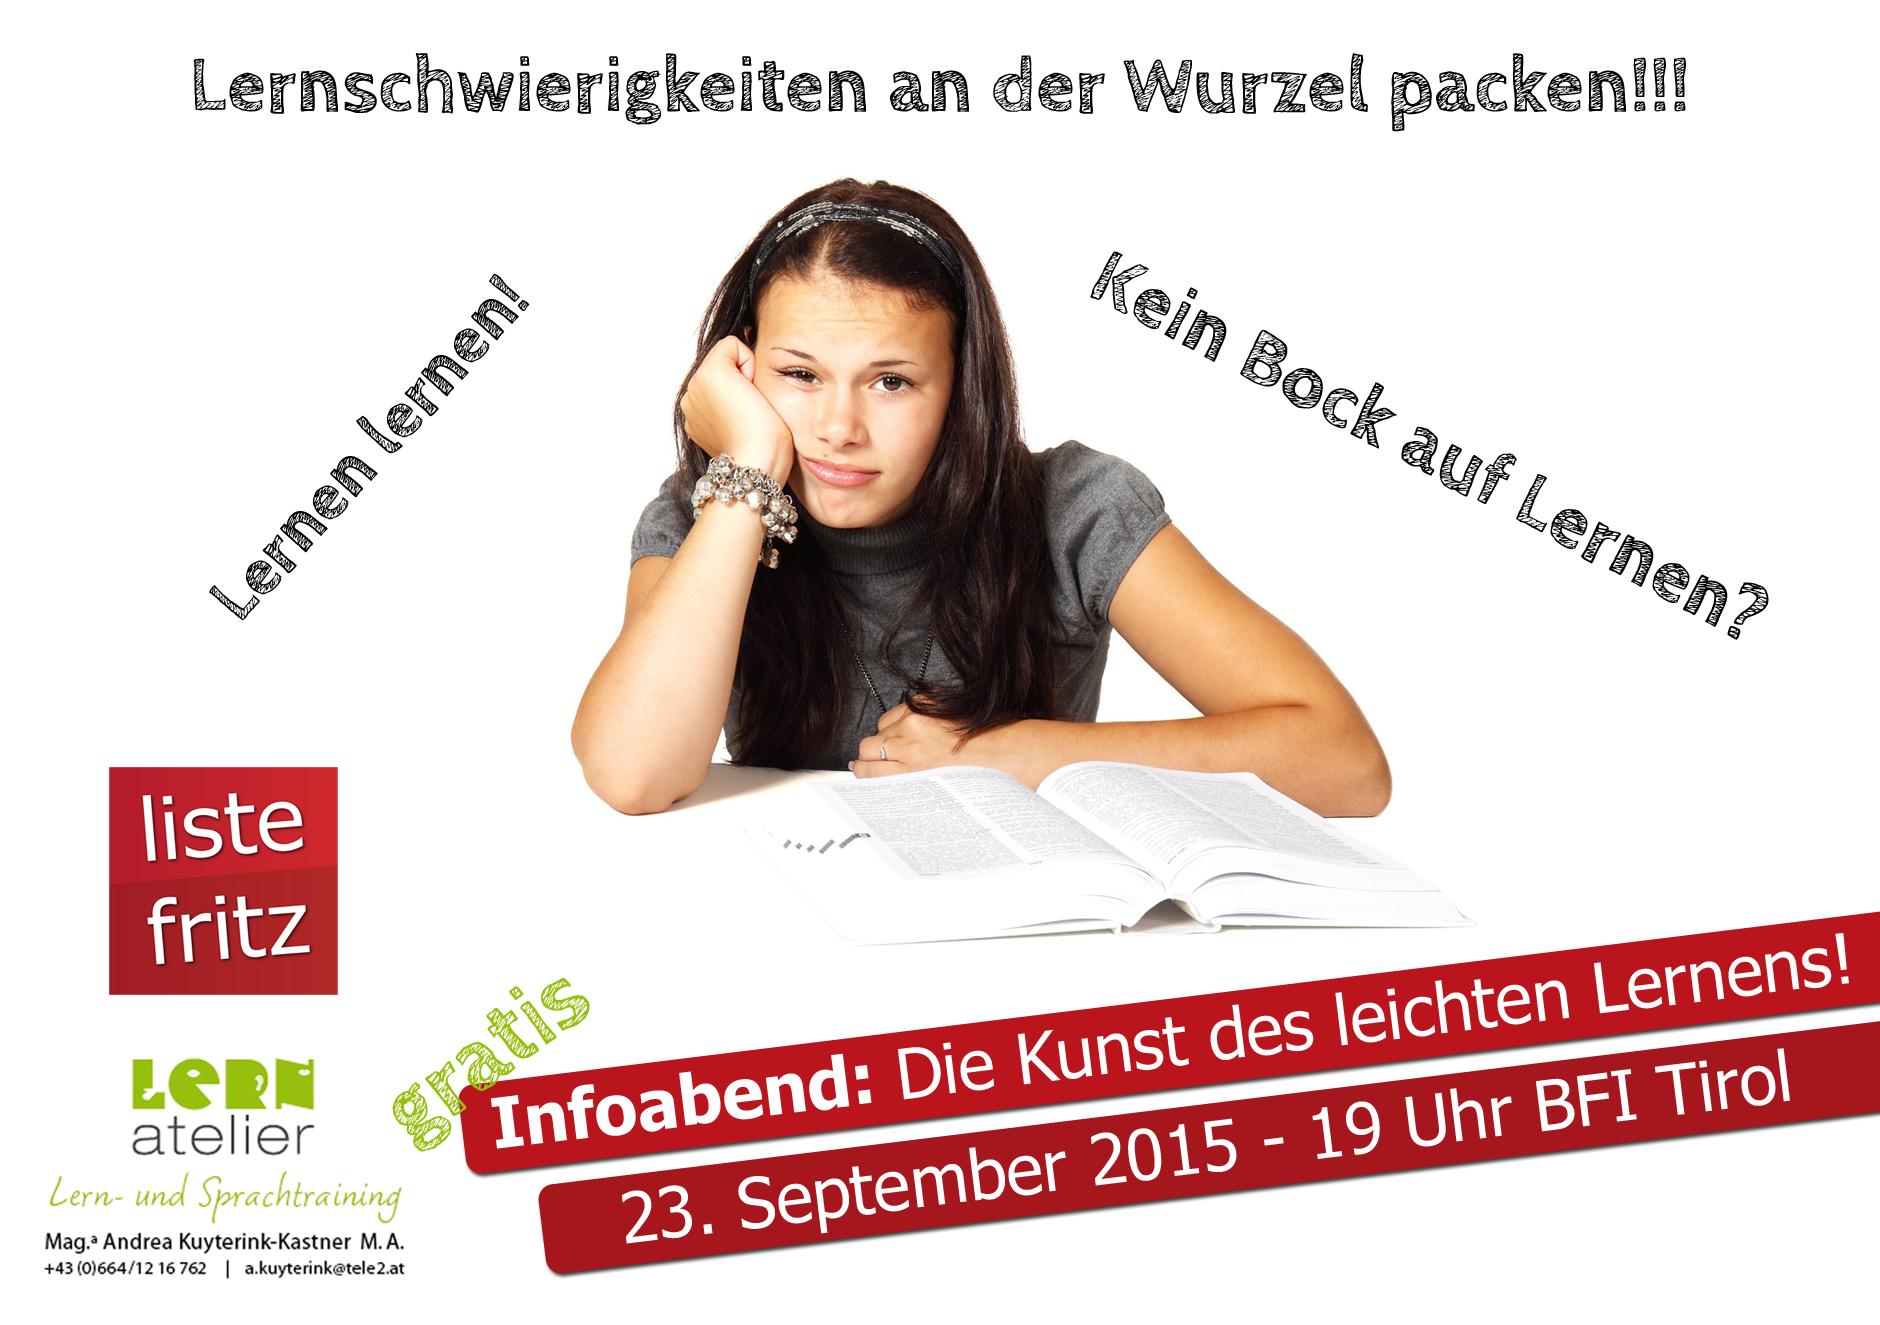 Einladung zu einer Infoveranstaltung zum Thema Lerntraining